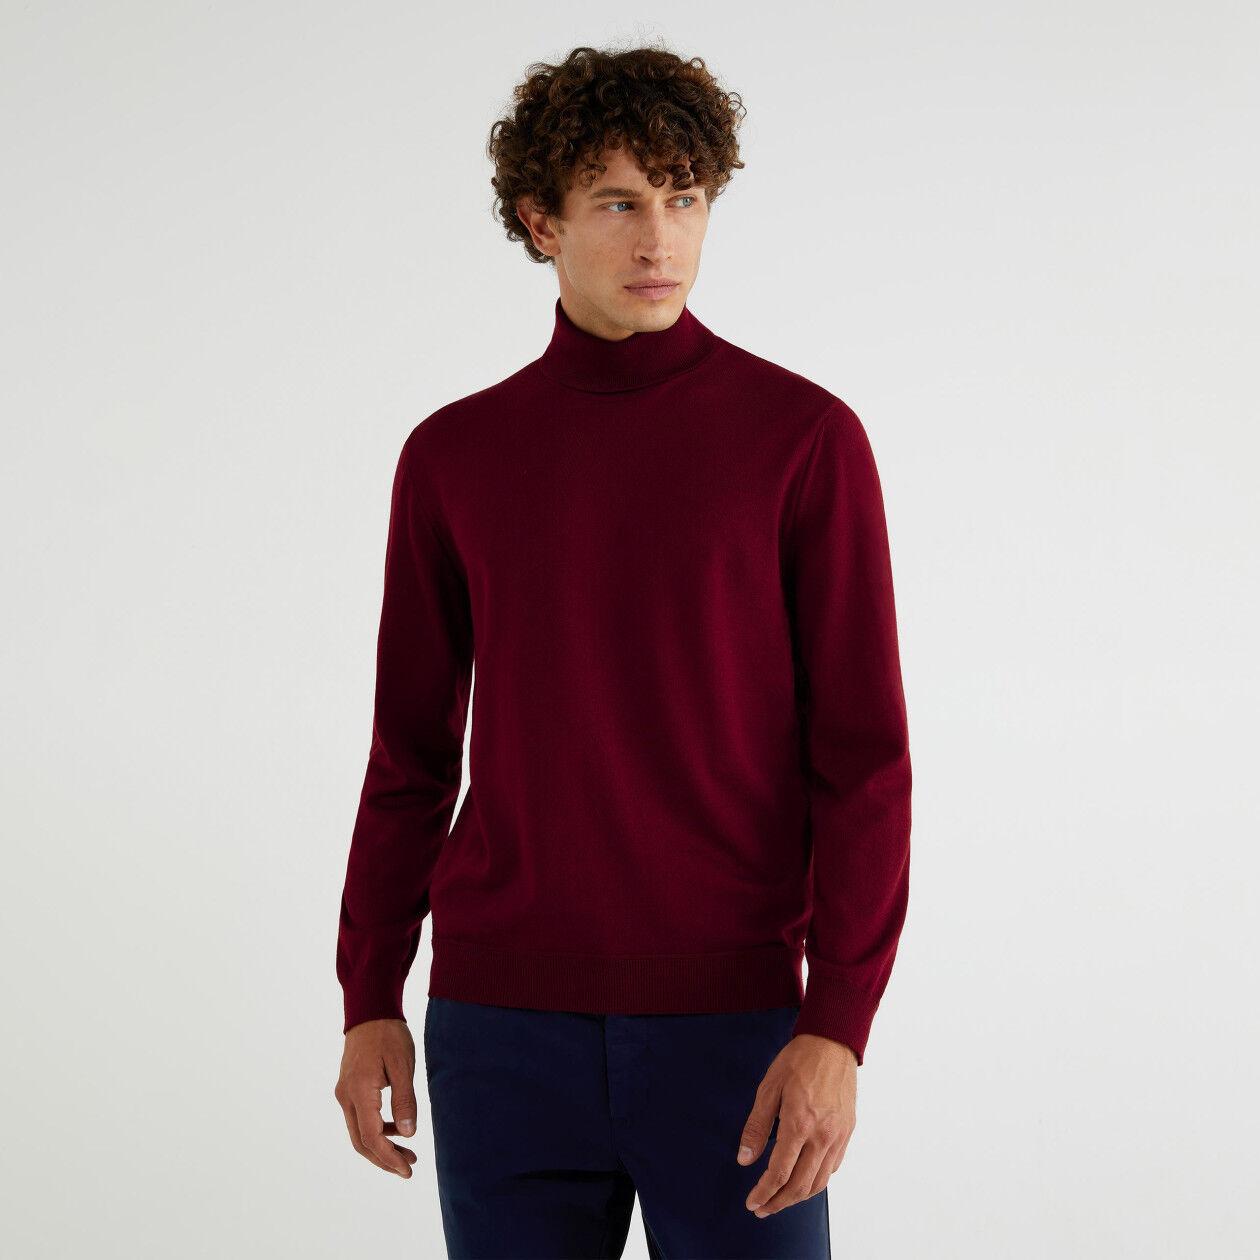 Dolcevita in pura lana Merino Extra Fine